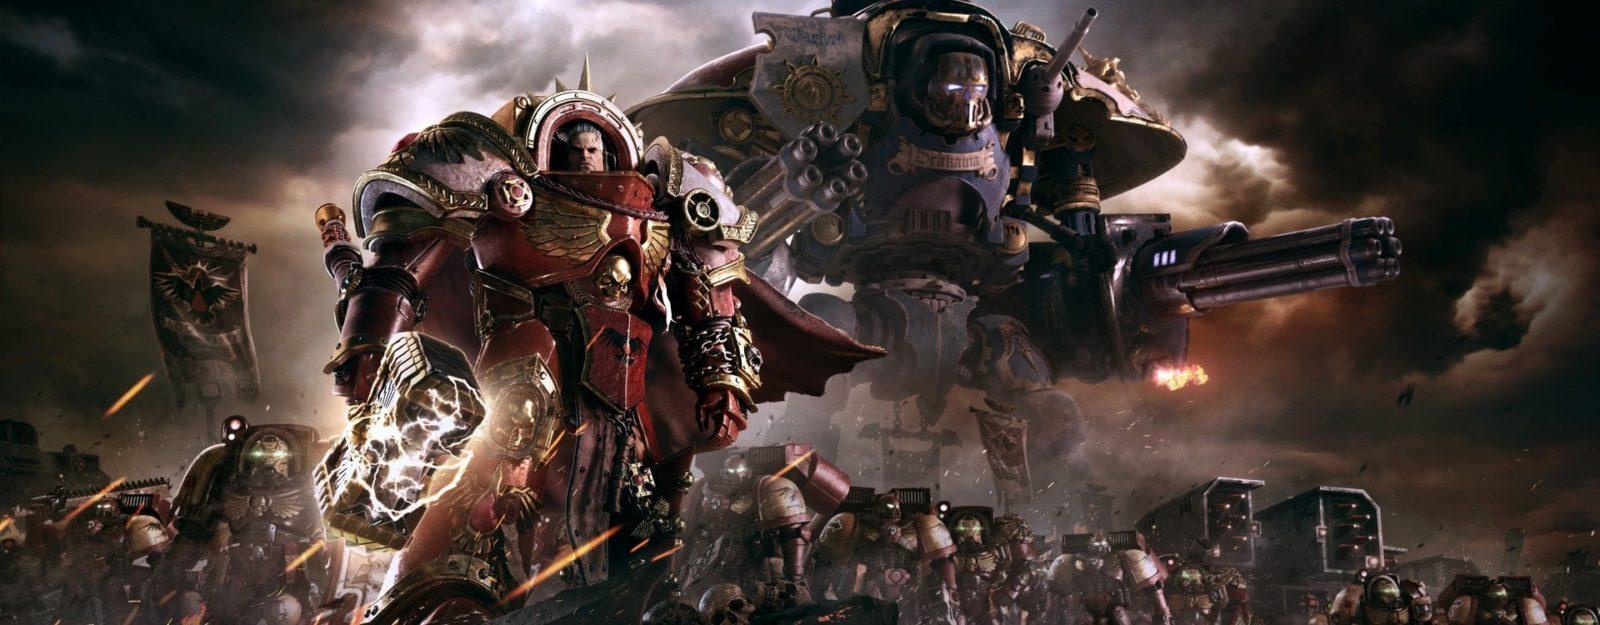 По мотивам Warhammer 40,000 выпустят несколько мини-сериалов